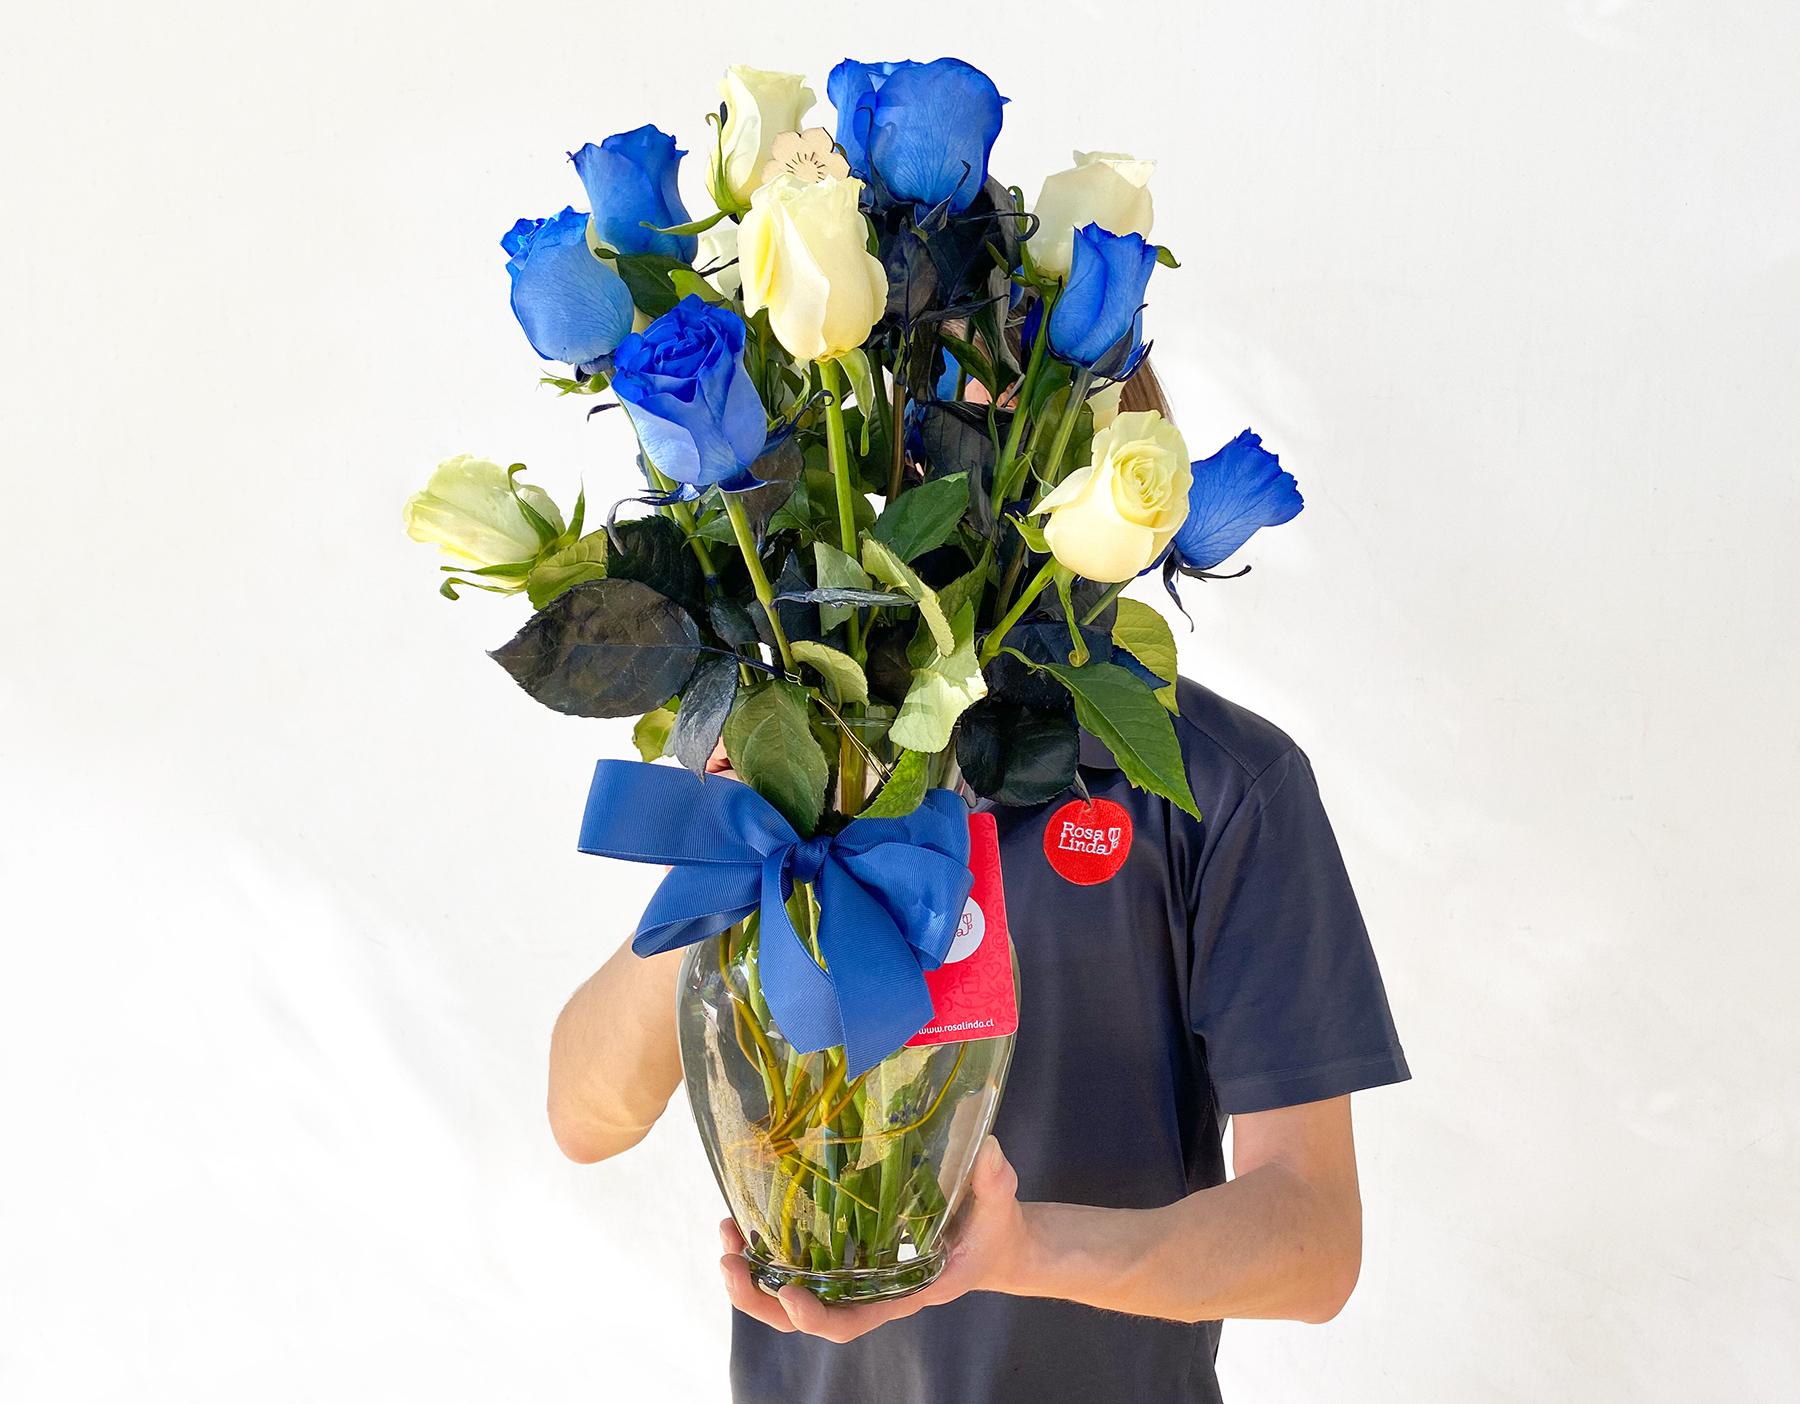 Paso a paso: ¿cómo enviar flores a domicilio?